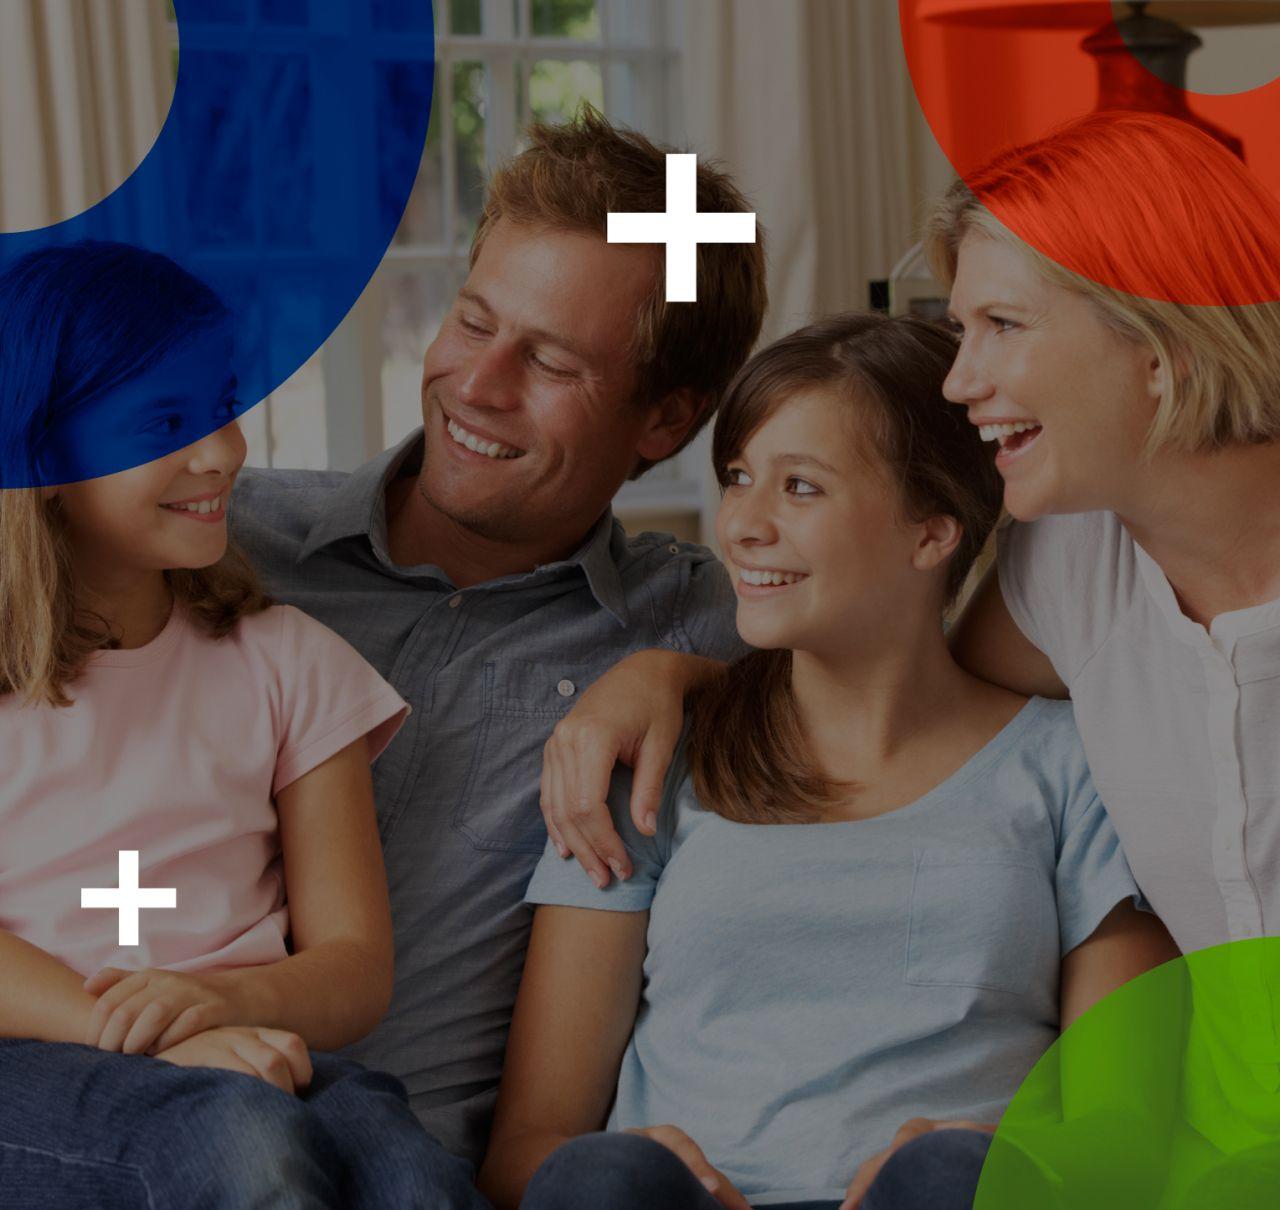 Familia con comunicación saludable curso de inteligencia emocional